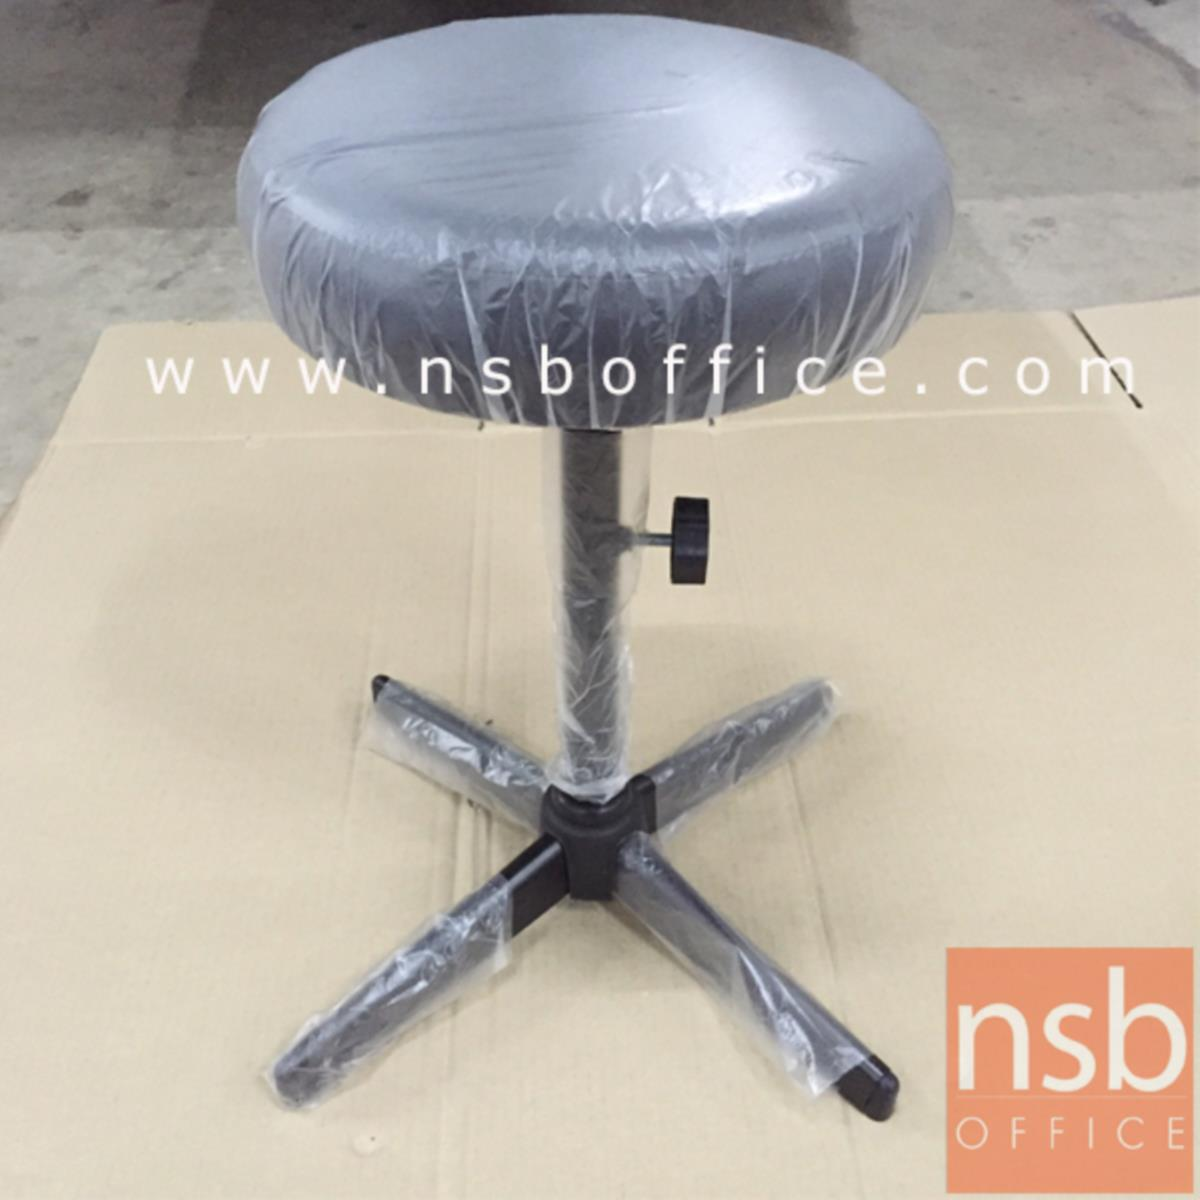 เก้าอี้บาร์สตูลที่นั่งกลม รุ่น Norabel (นอร่าเบล)  ขาเหล็กพ่นดำ 4 แฉก